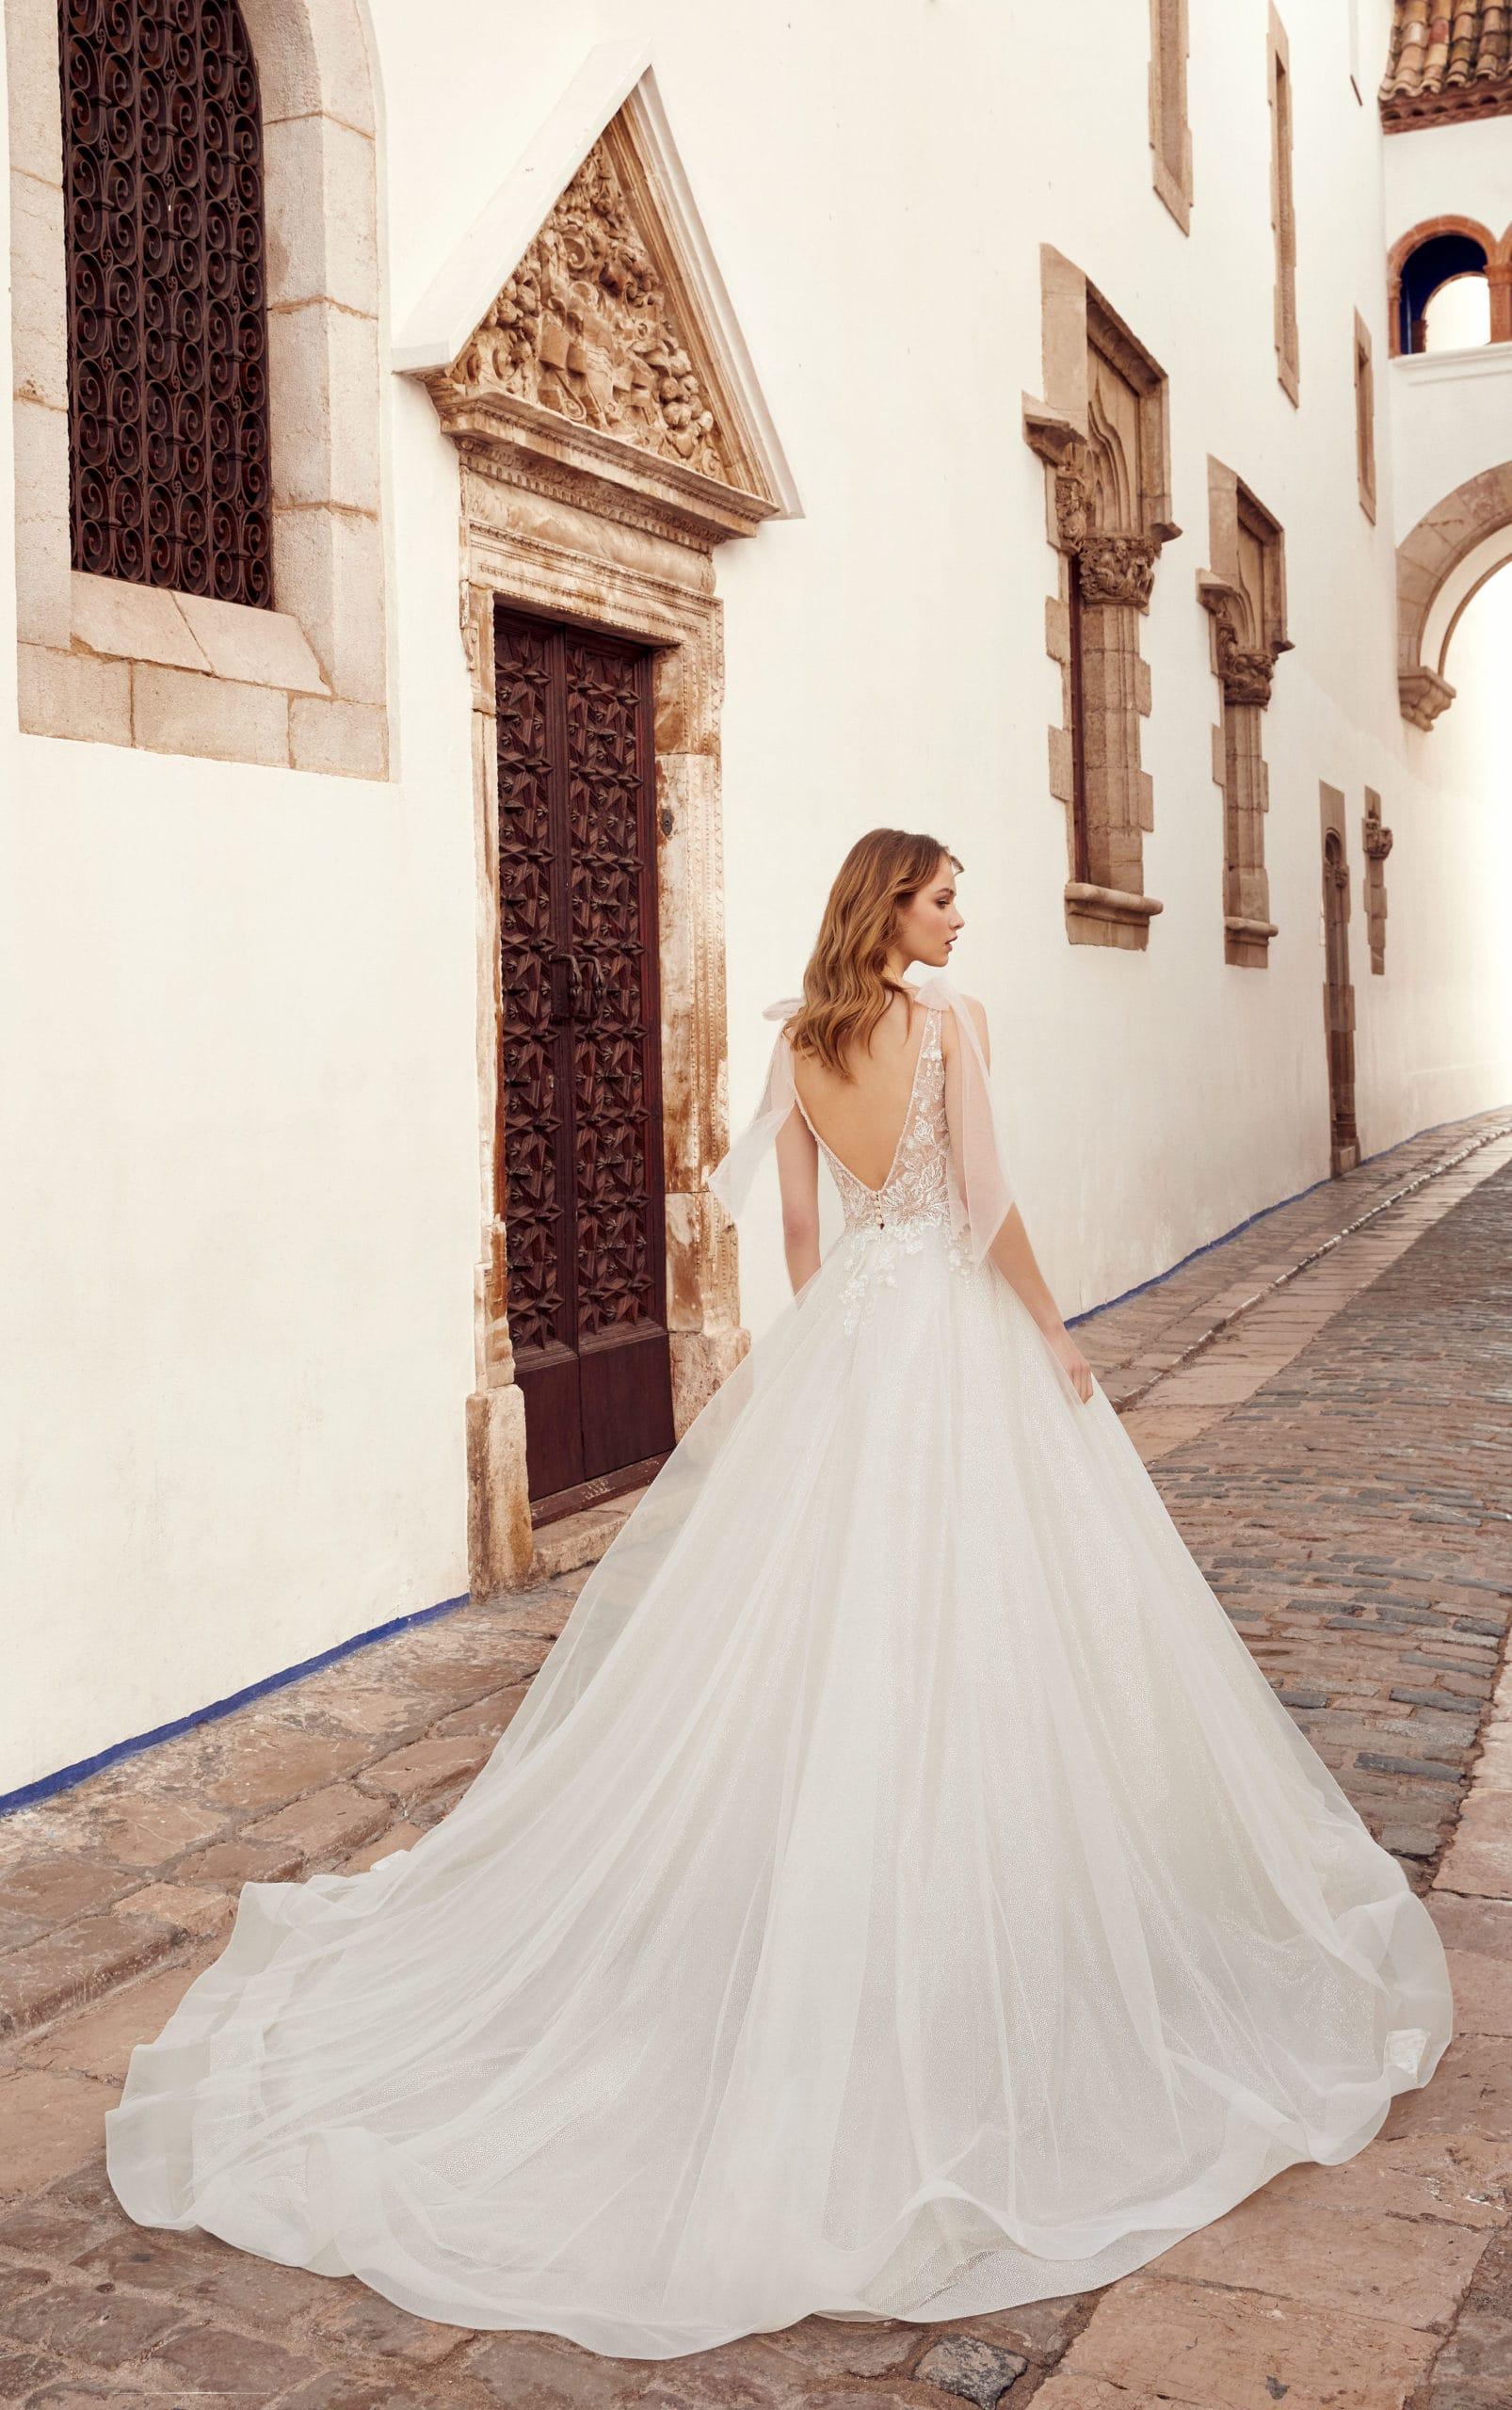 dress shops for weddings